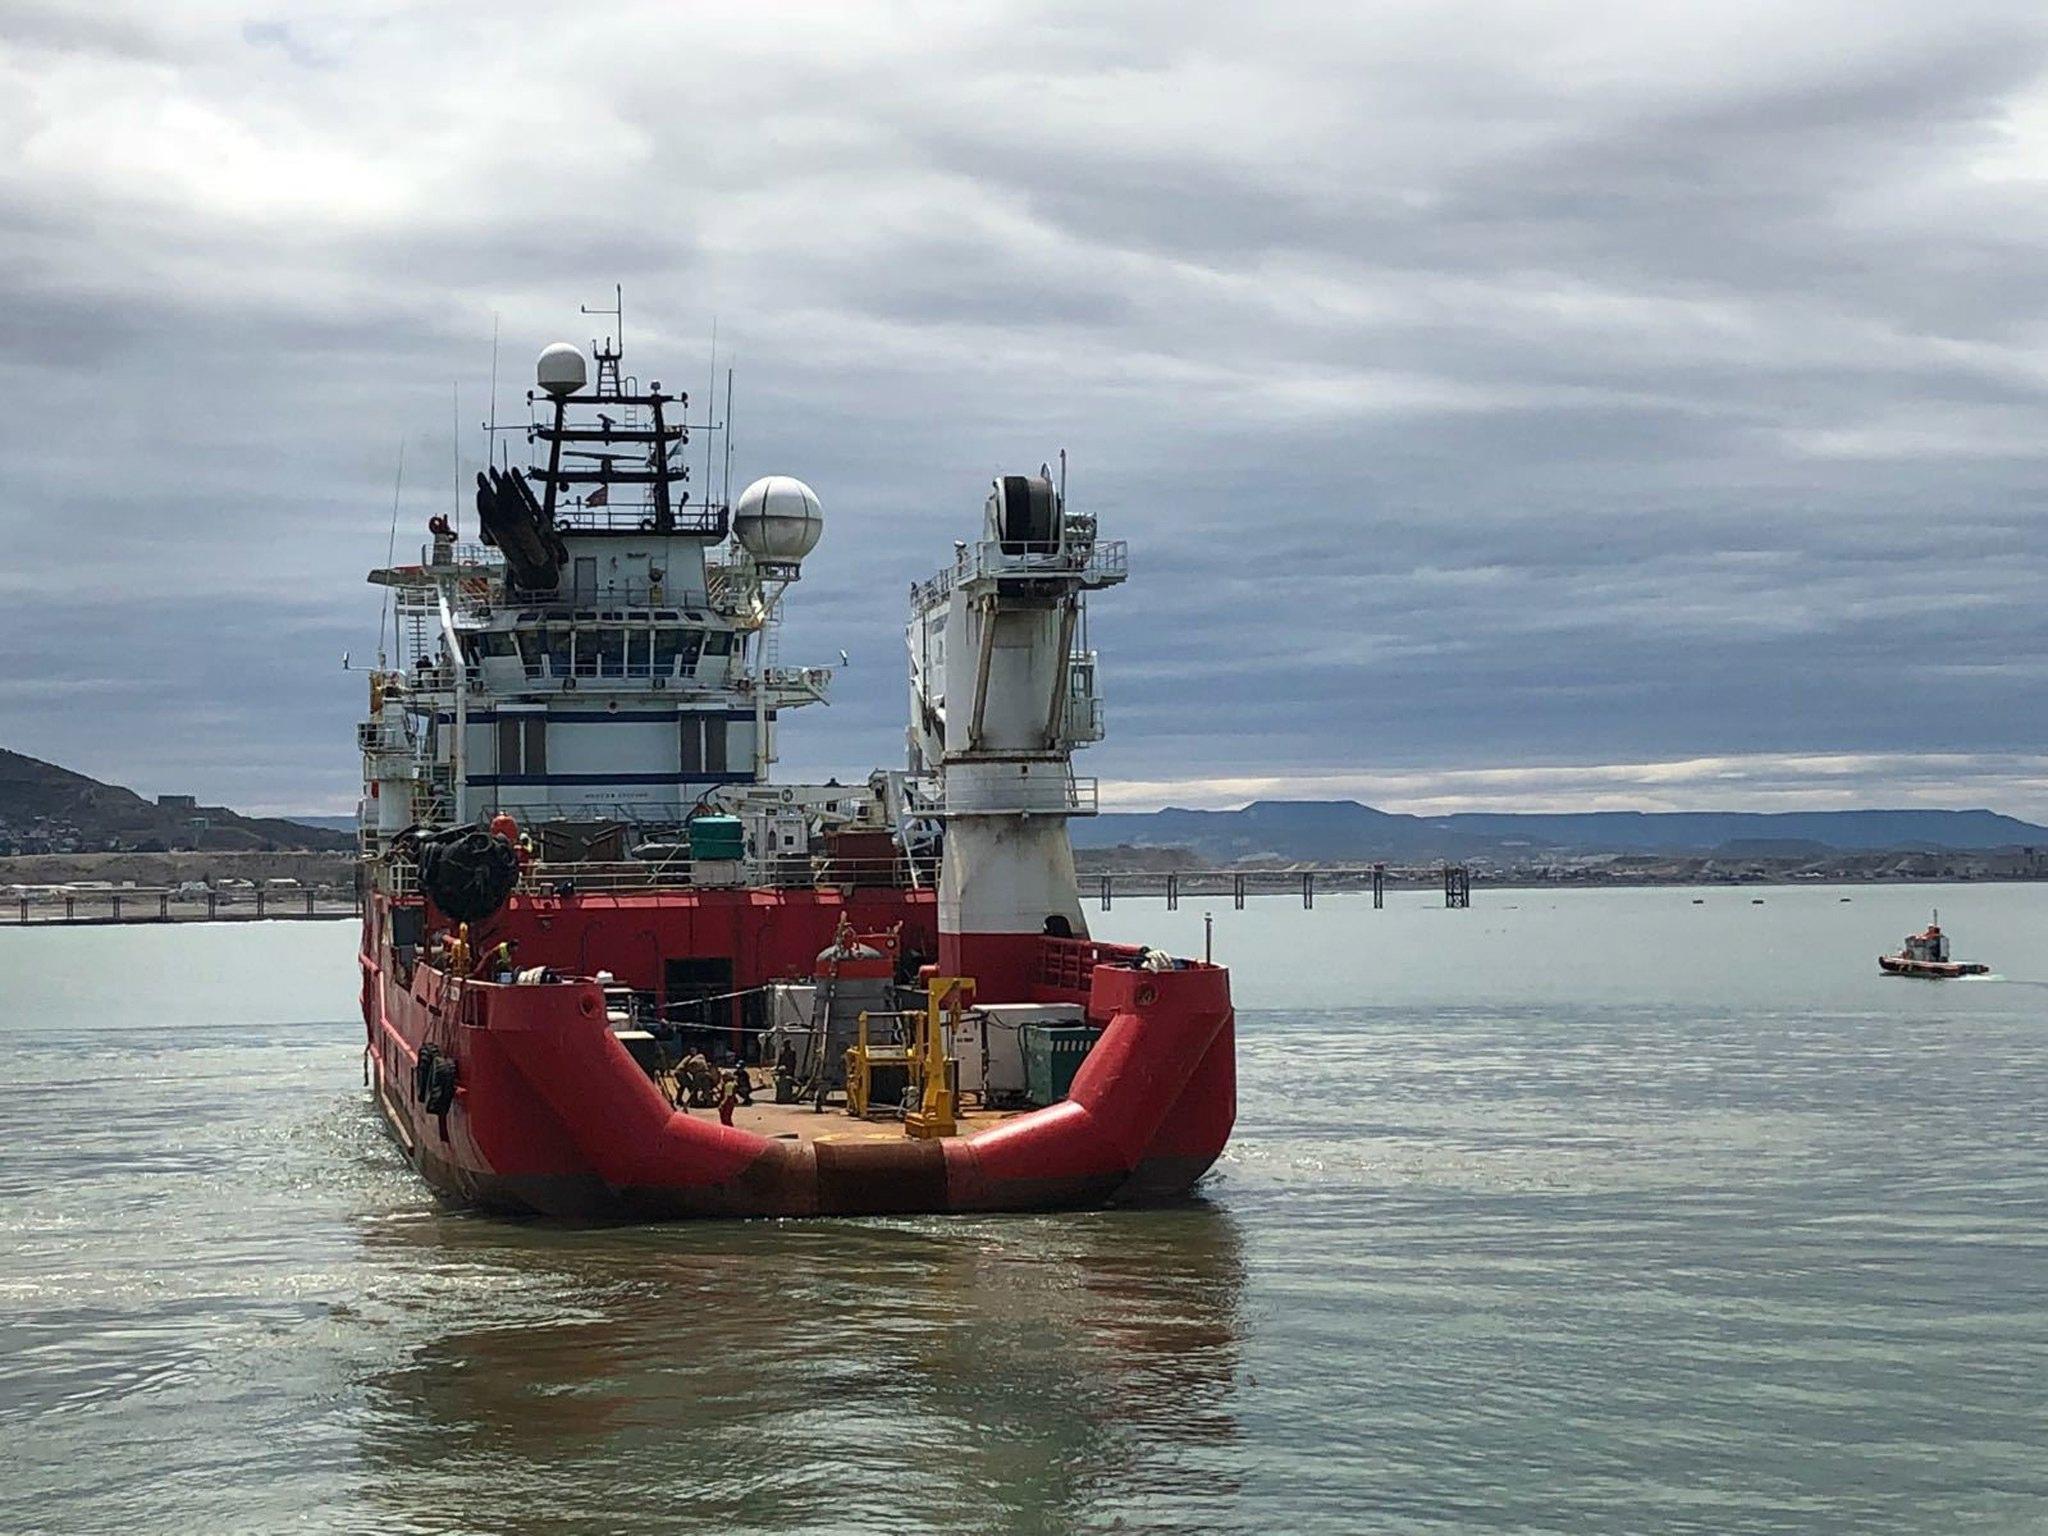 Sottomarino, 'entrati in fase critica'